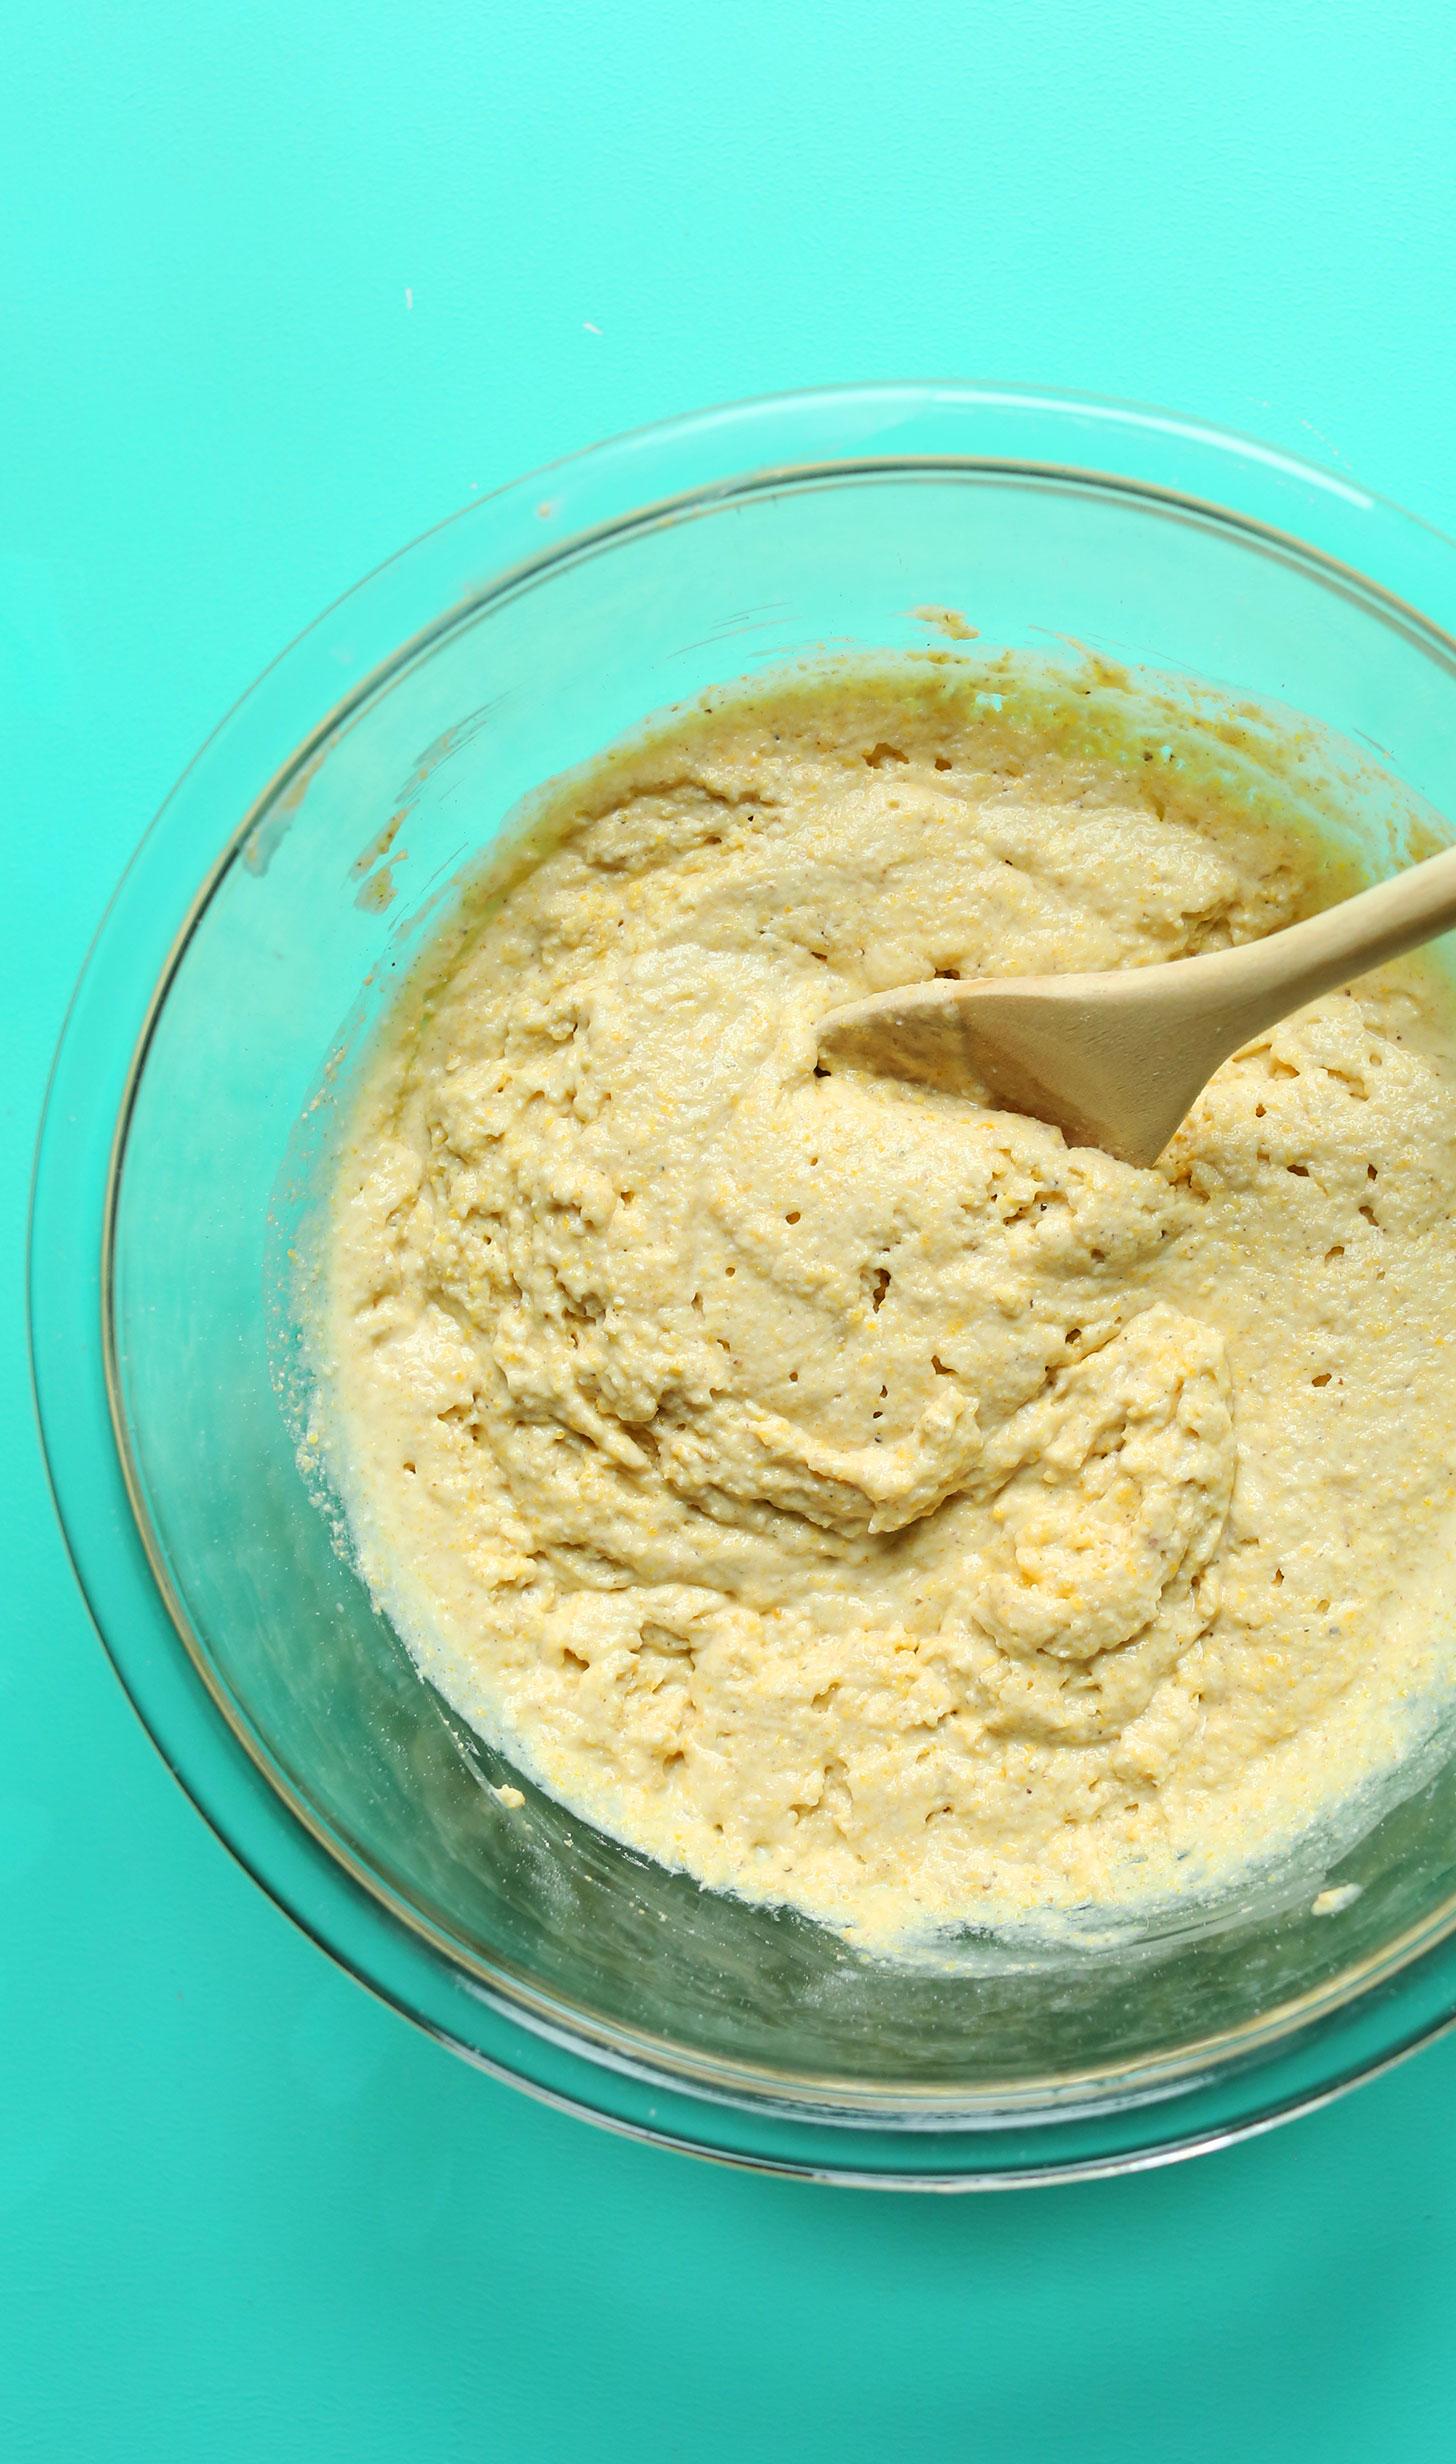 Country Kitchen Pancake Recipe